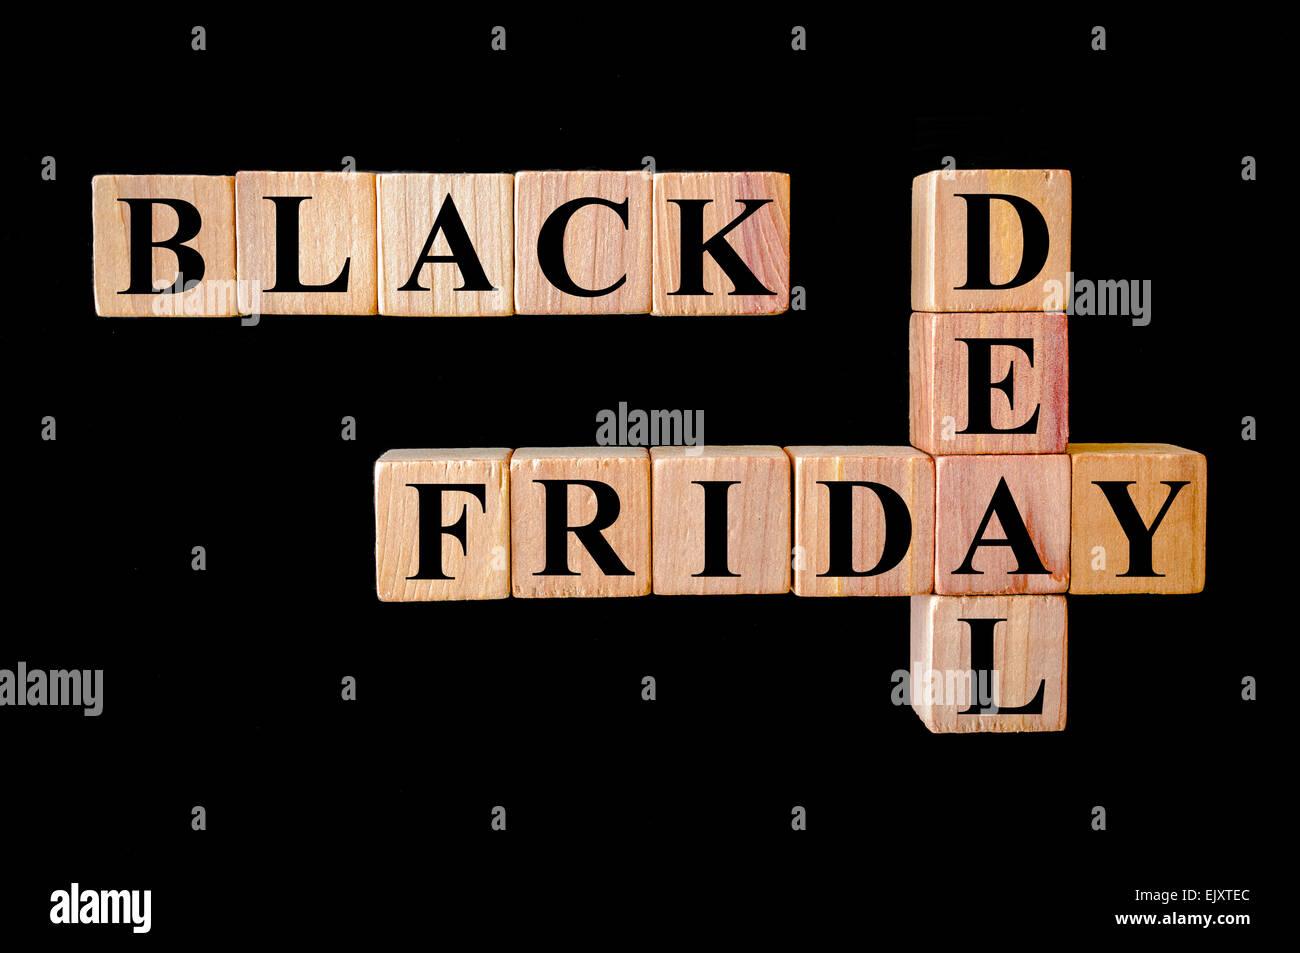 GameStop's Black Friday 2018 Doorbusters